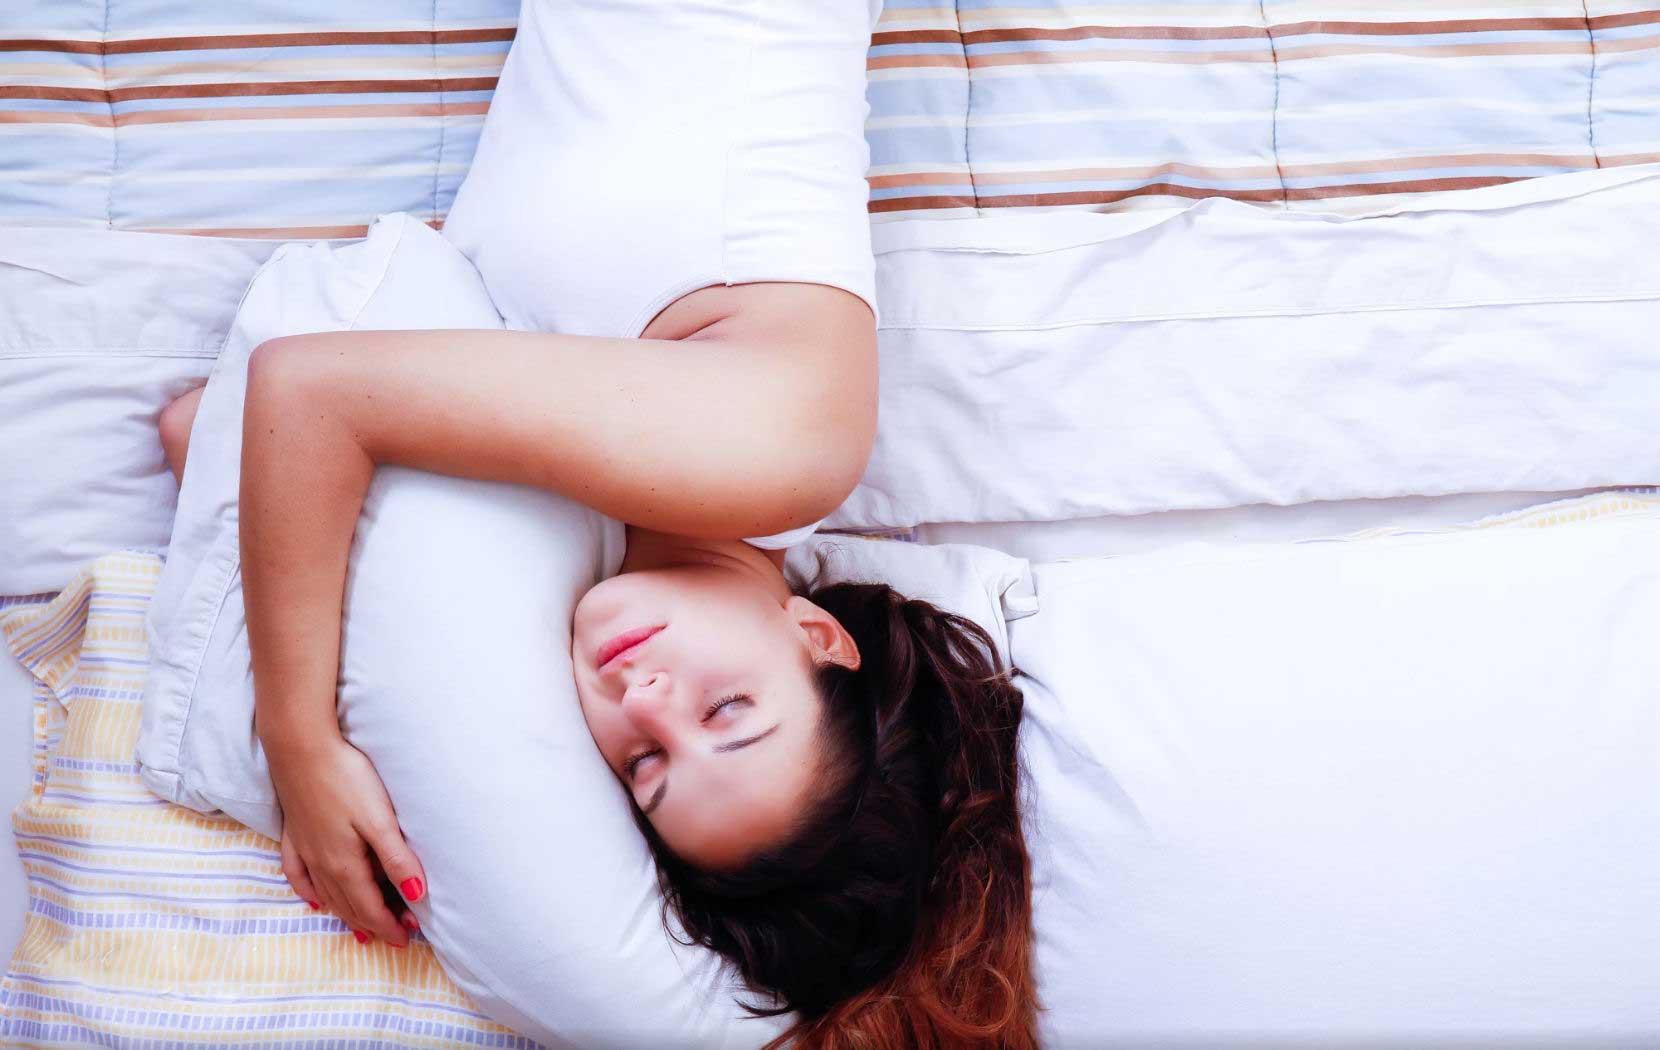 手足冰冷適用,助你深度睡眠的神奇眠襪